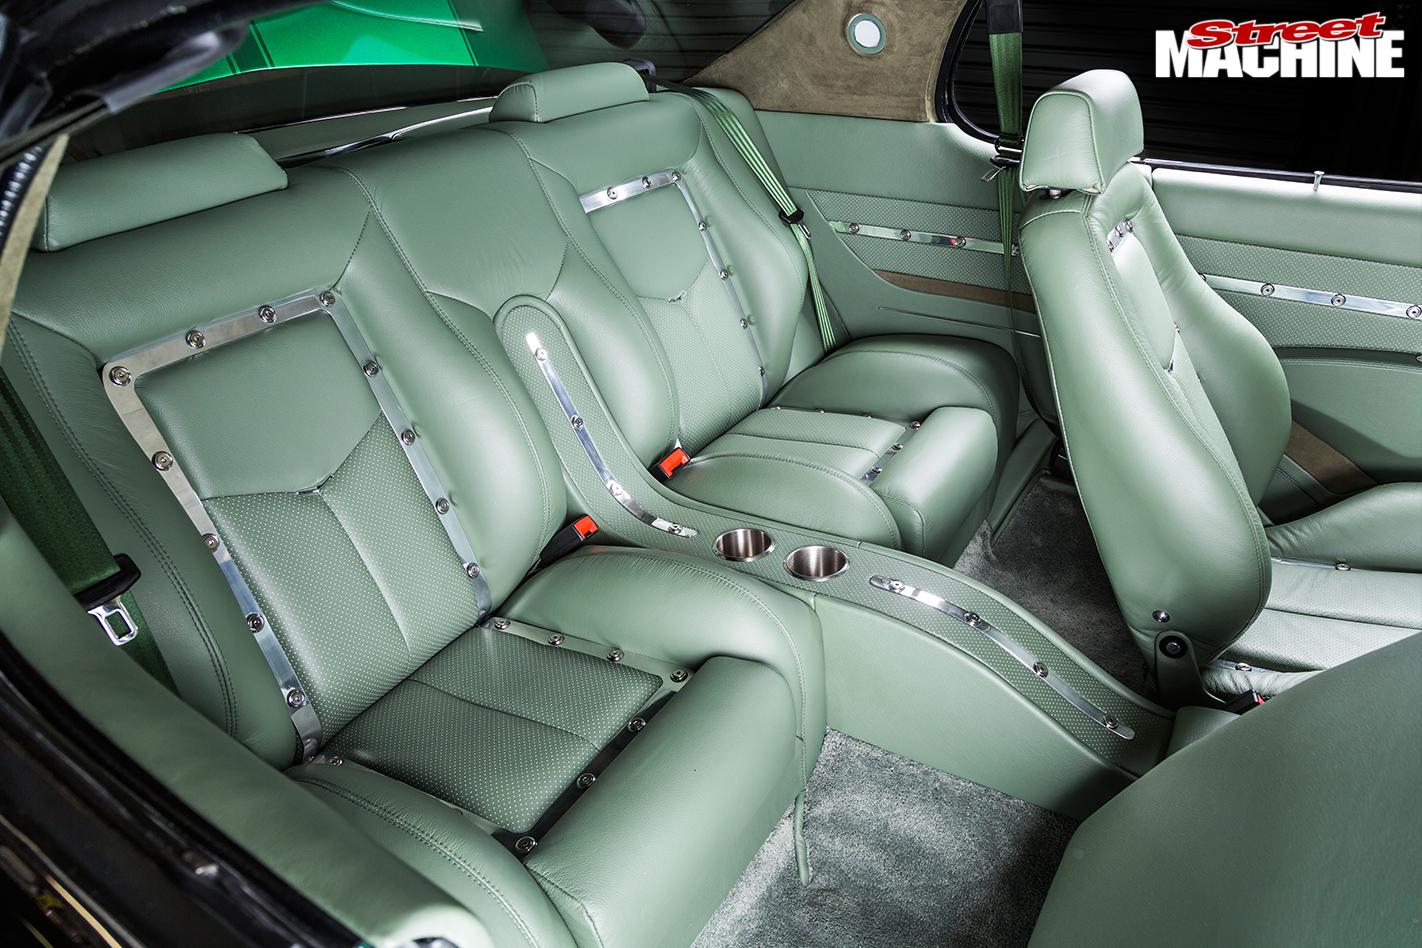 holden-hq-tuffhq-interior-rear